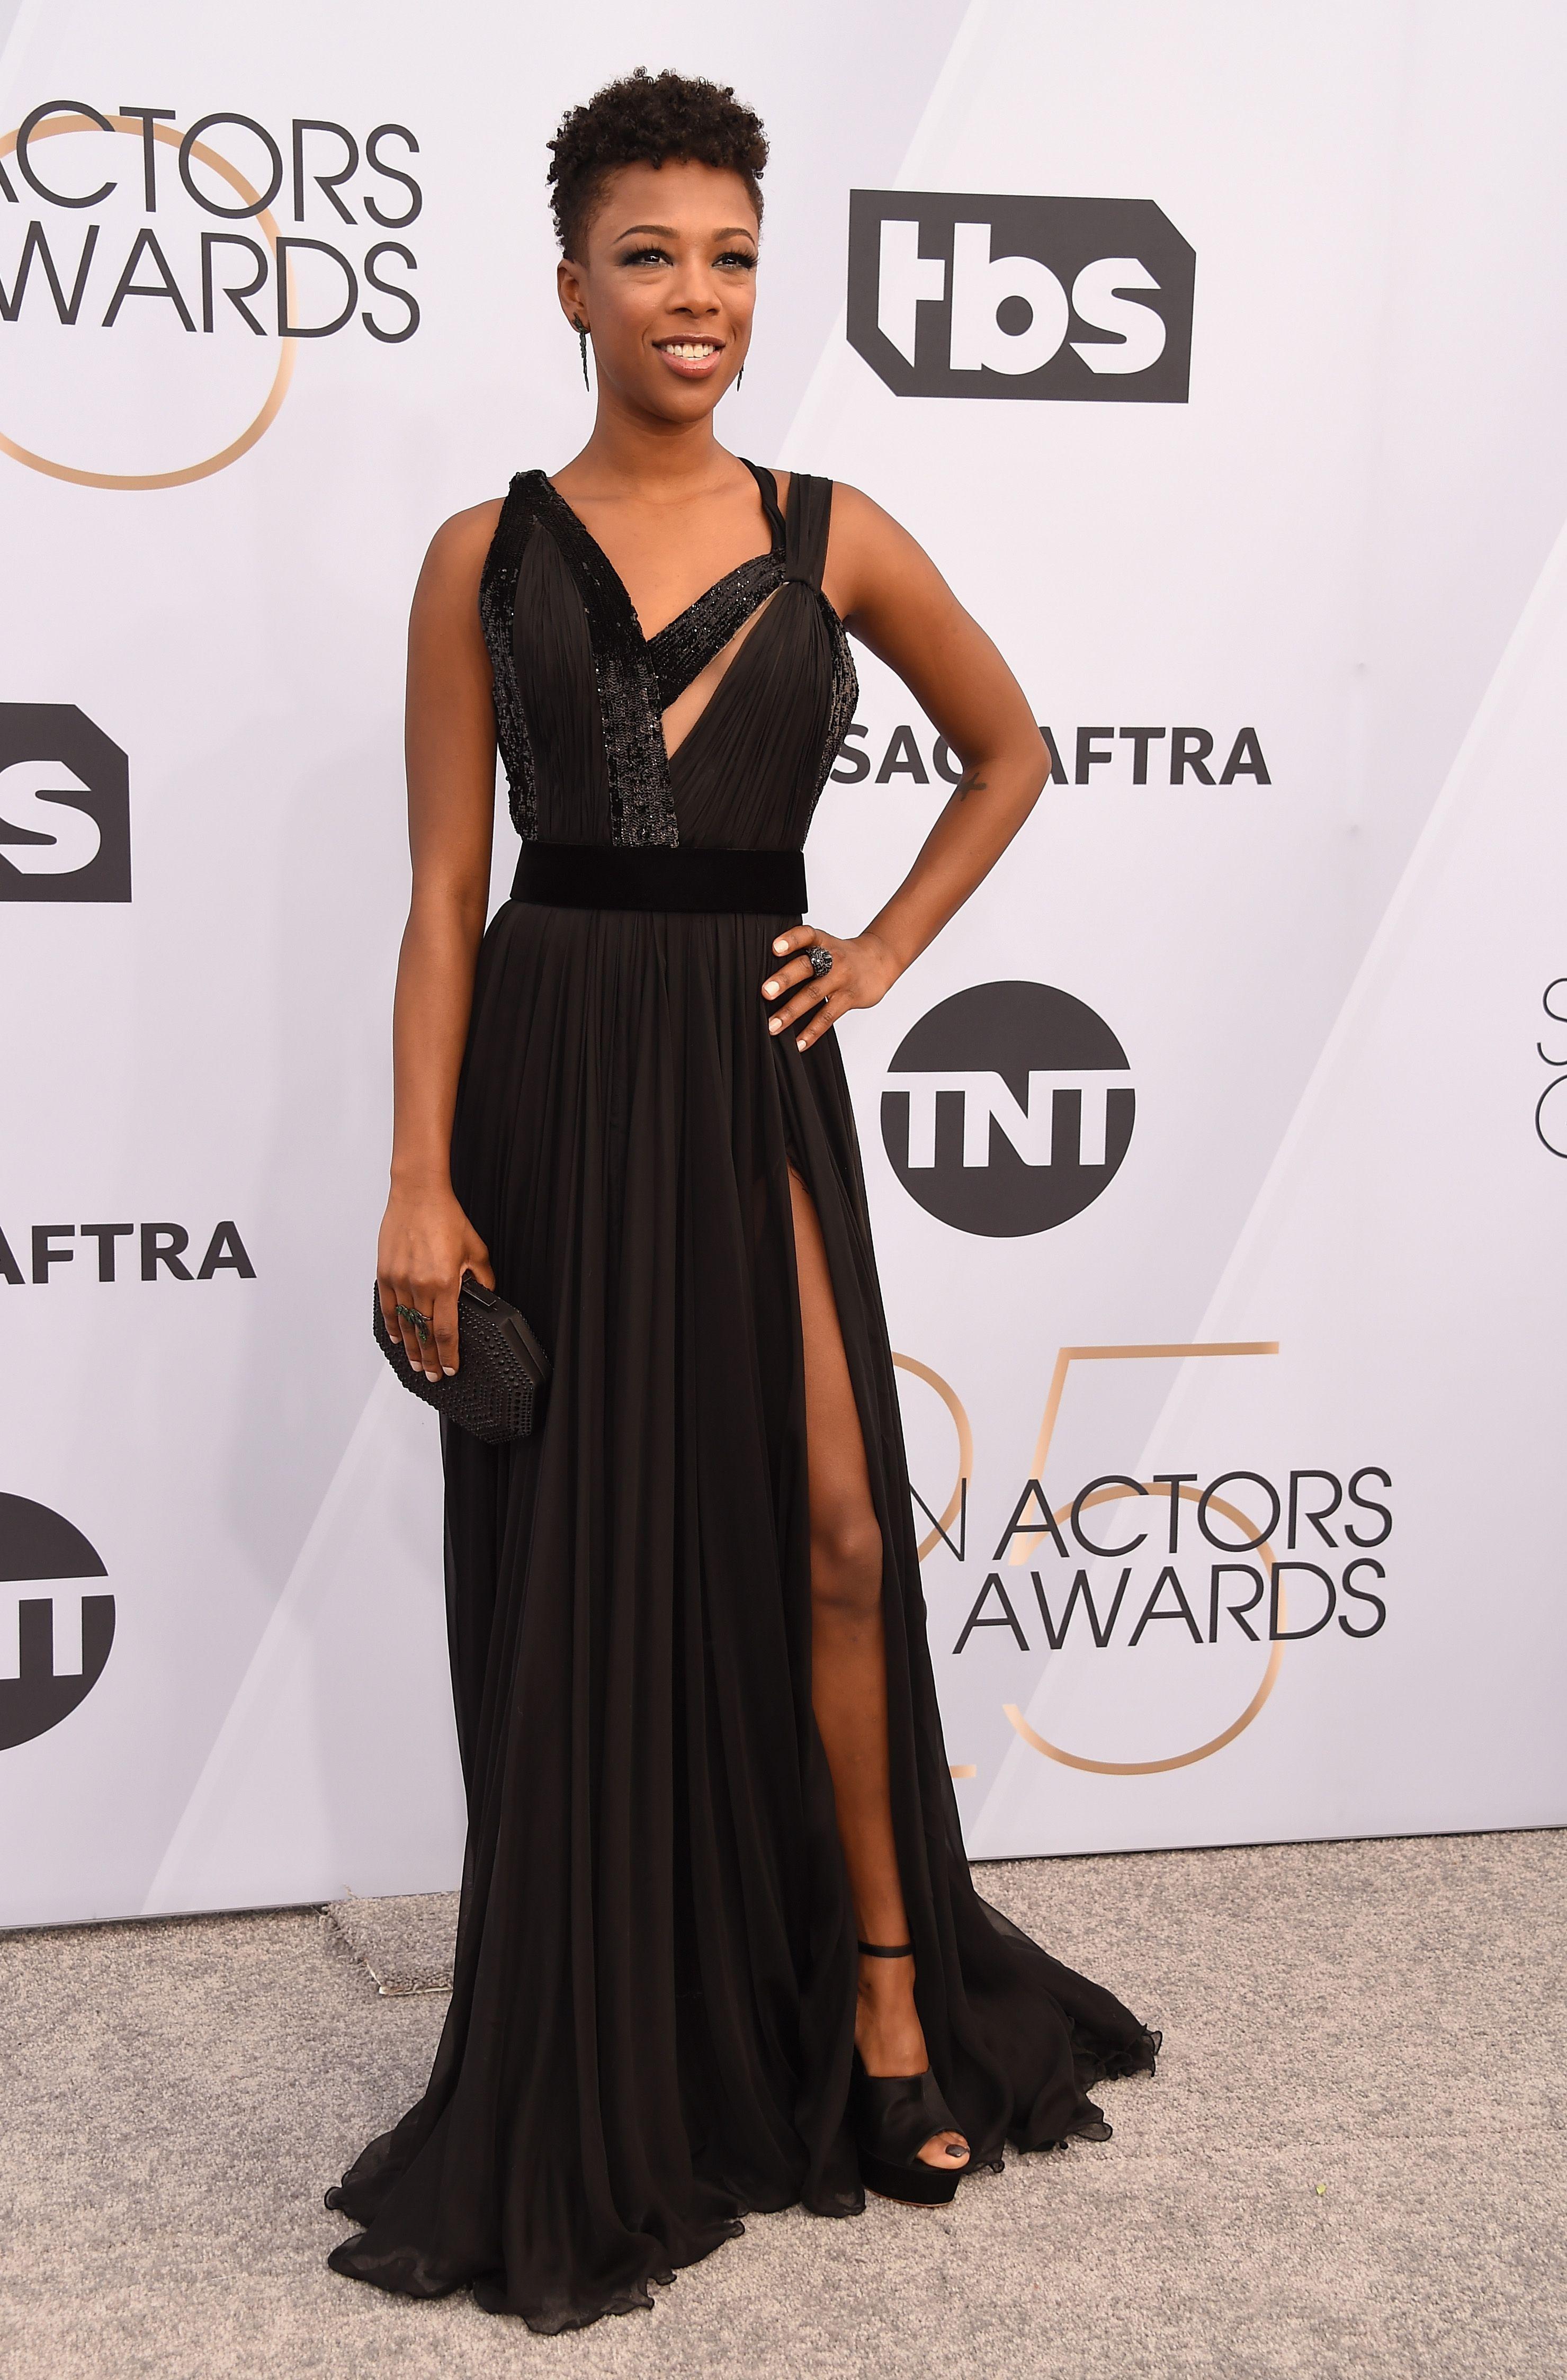 Image result for sag awards 2019 dress Samira Wiley